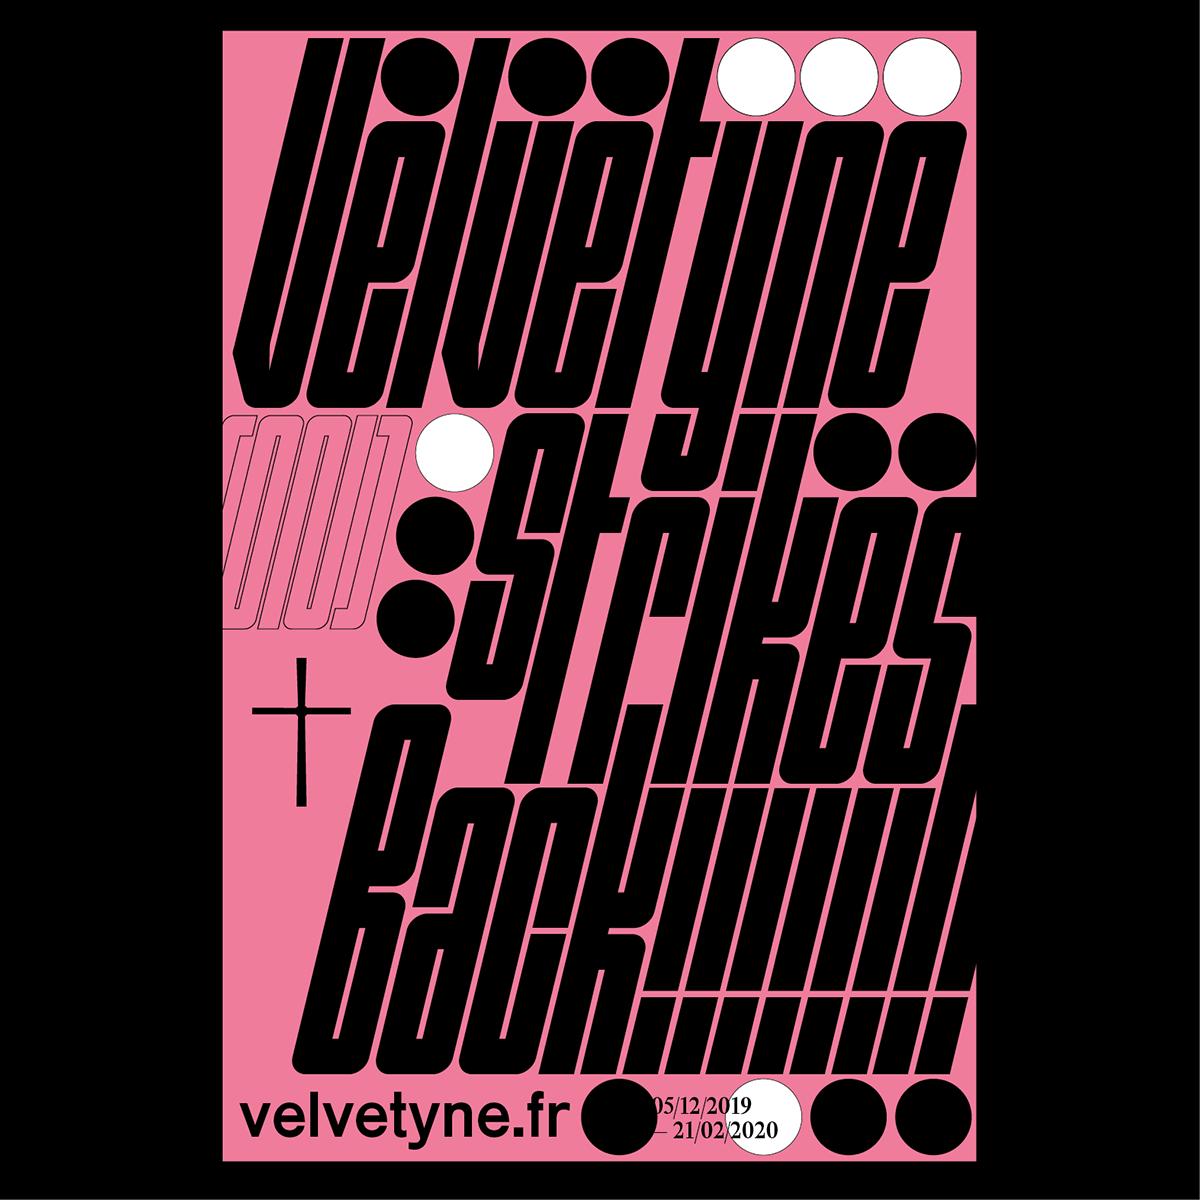 Velvetyne Strikes back